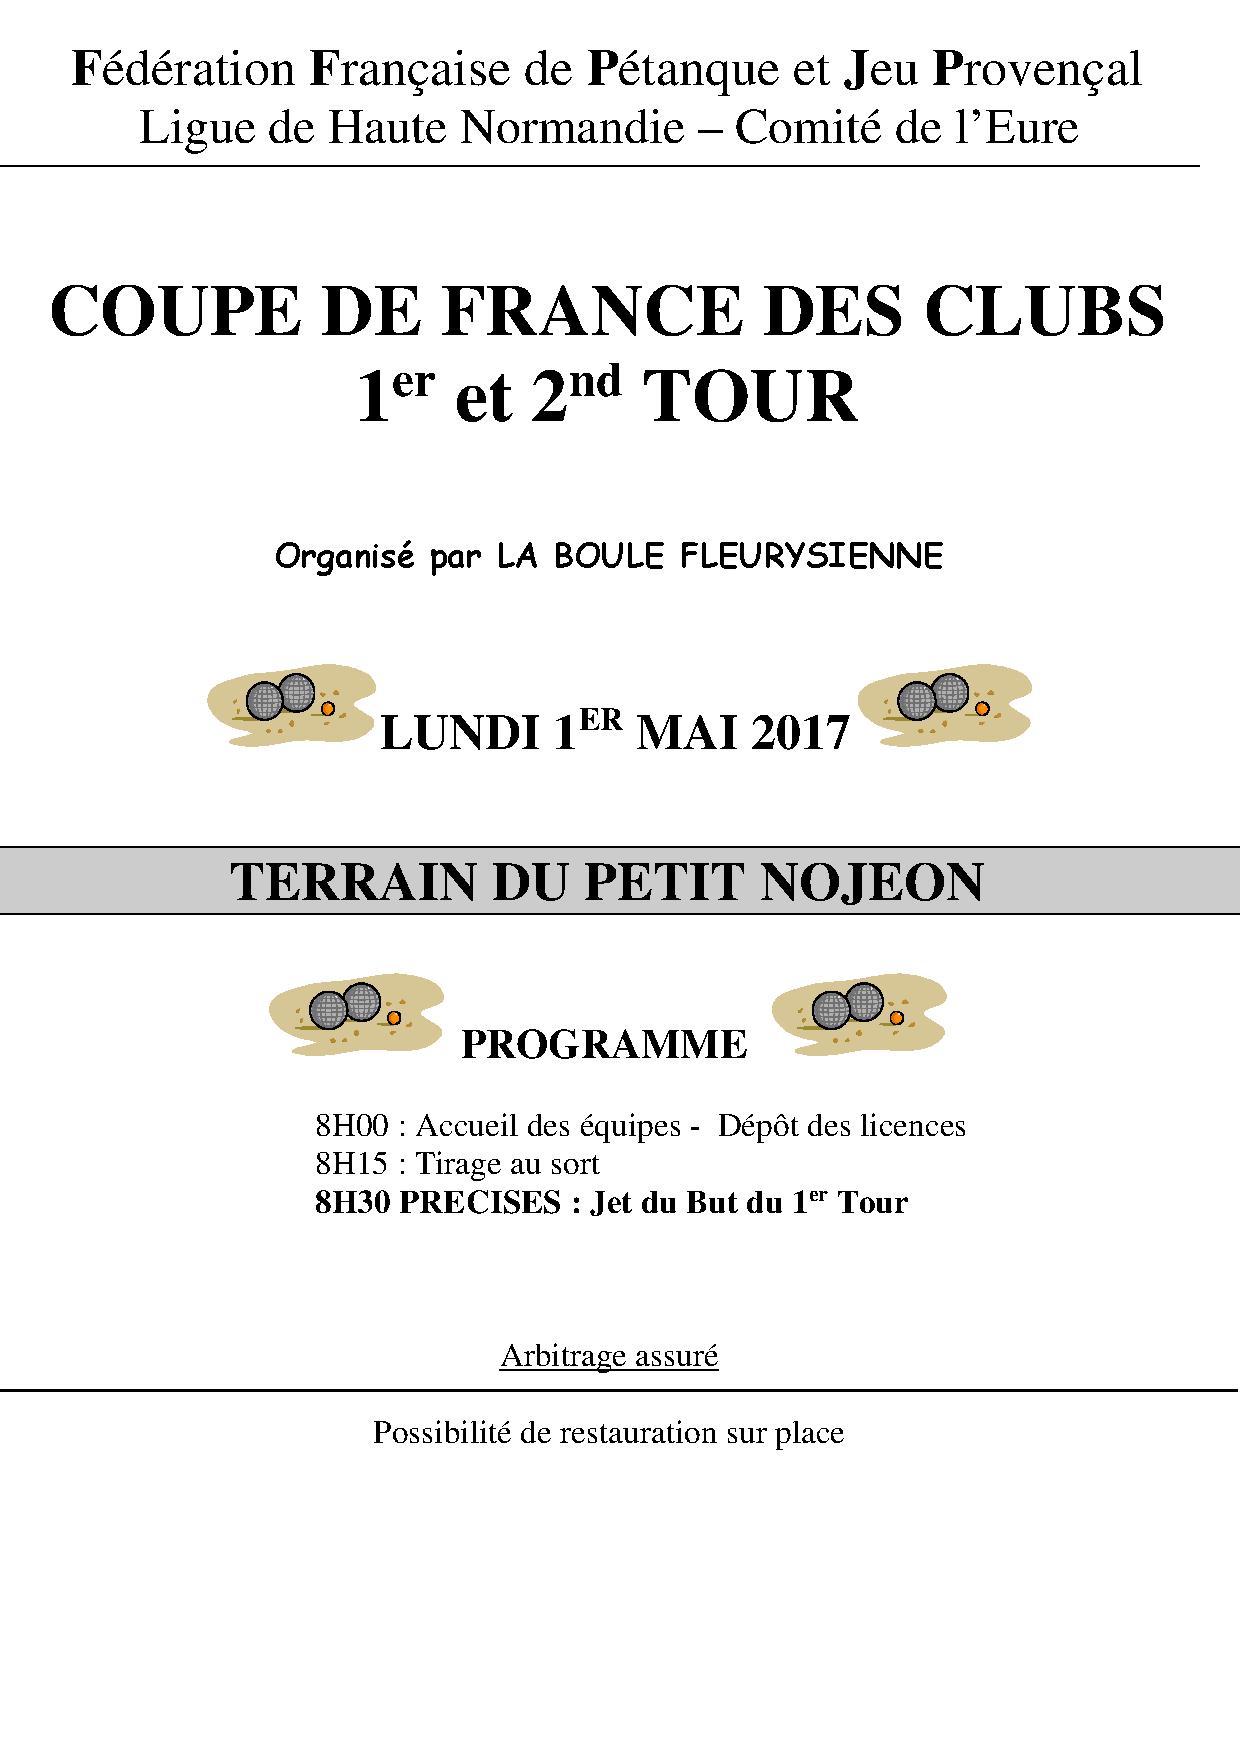 Information coupe de France 2017